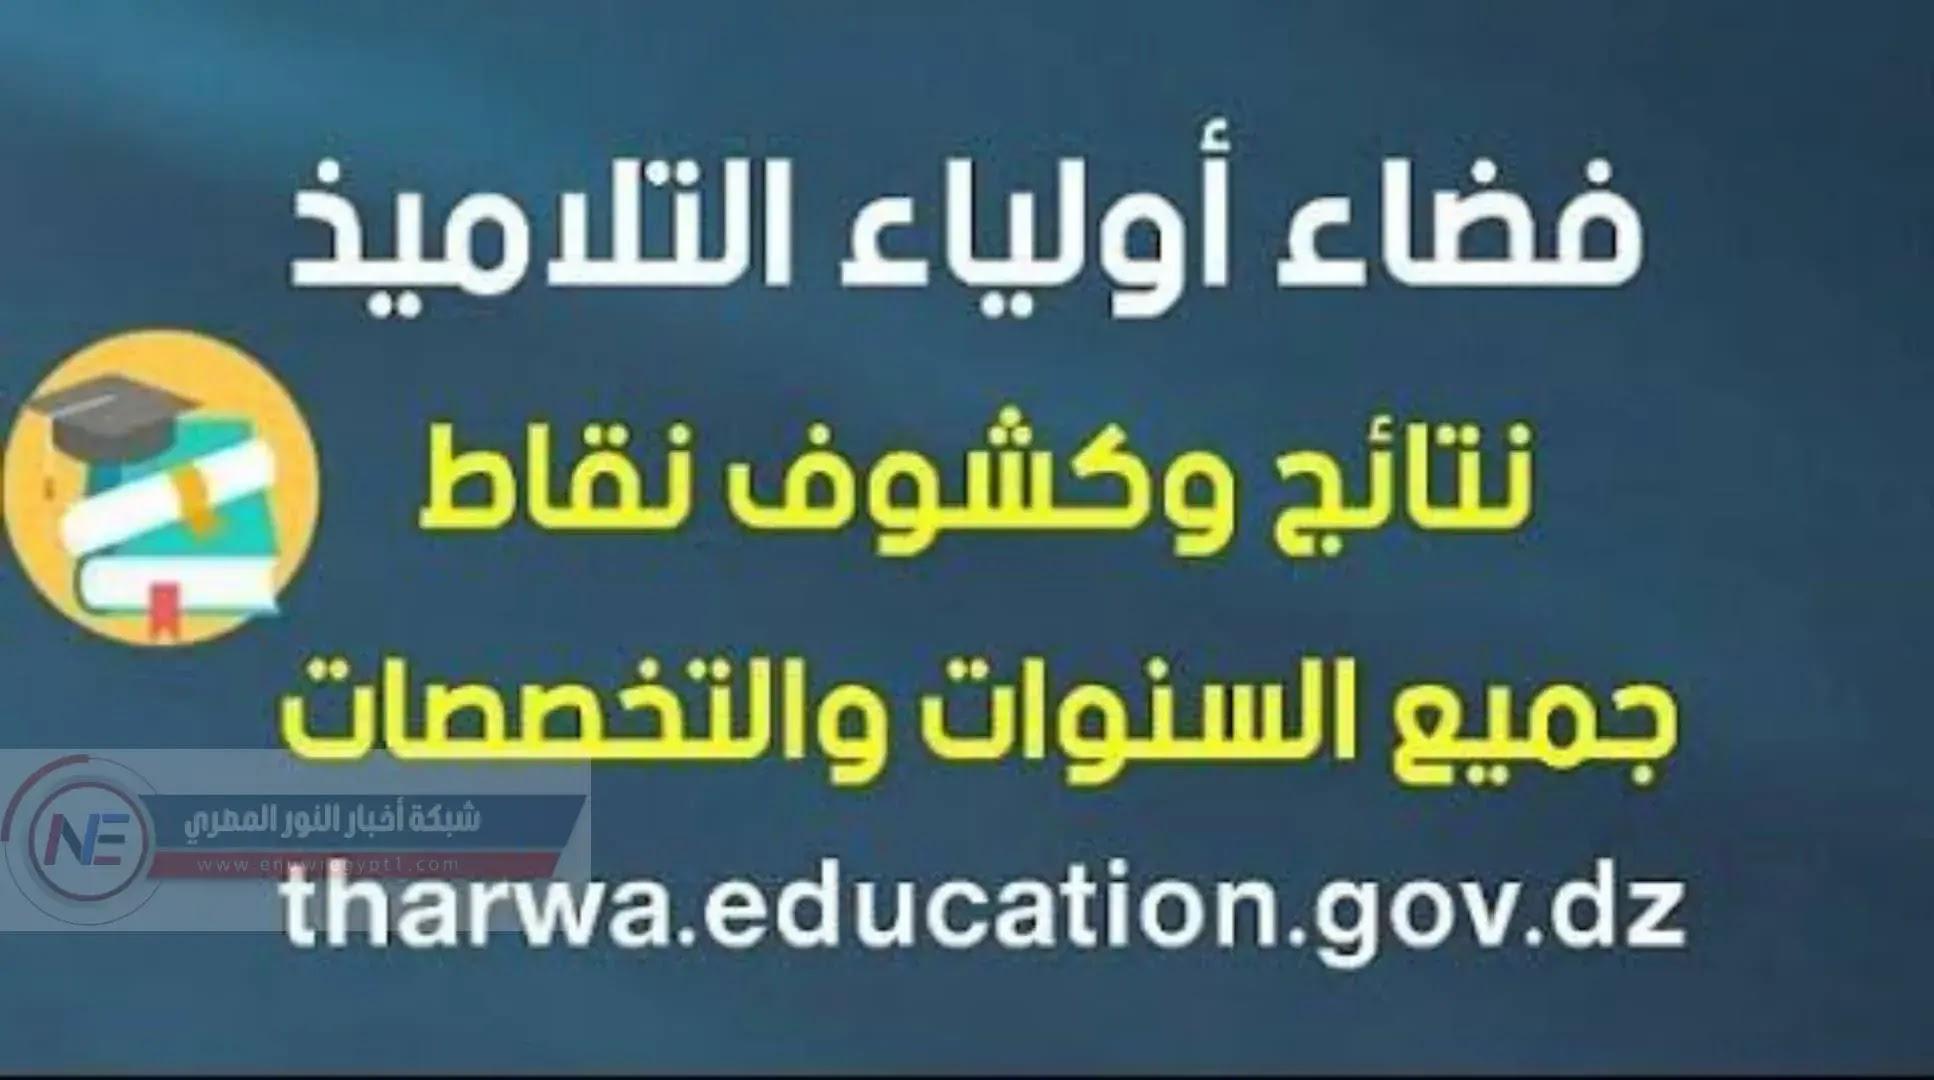 حالا ~ فضاء أولياء التلاميذ للاطلاع على النتائج 2021 وزارة التربية الوطنية الجزائرية | كشف نقاط الطلاب للفصل الأول 2021